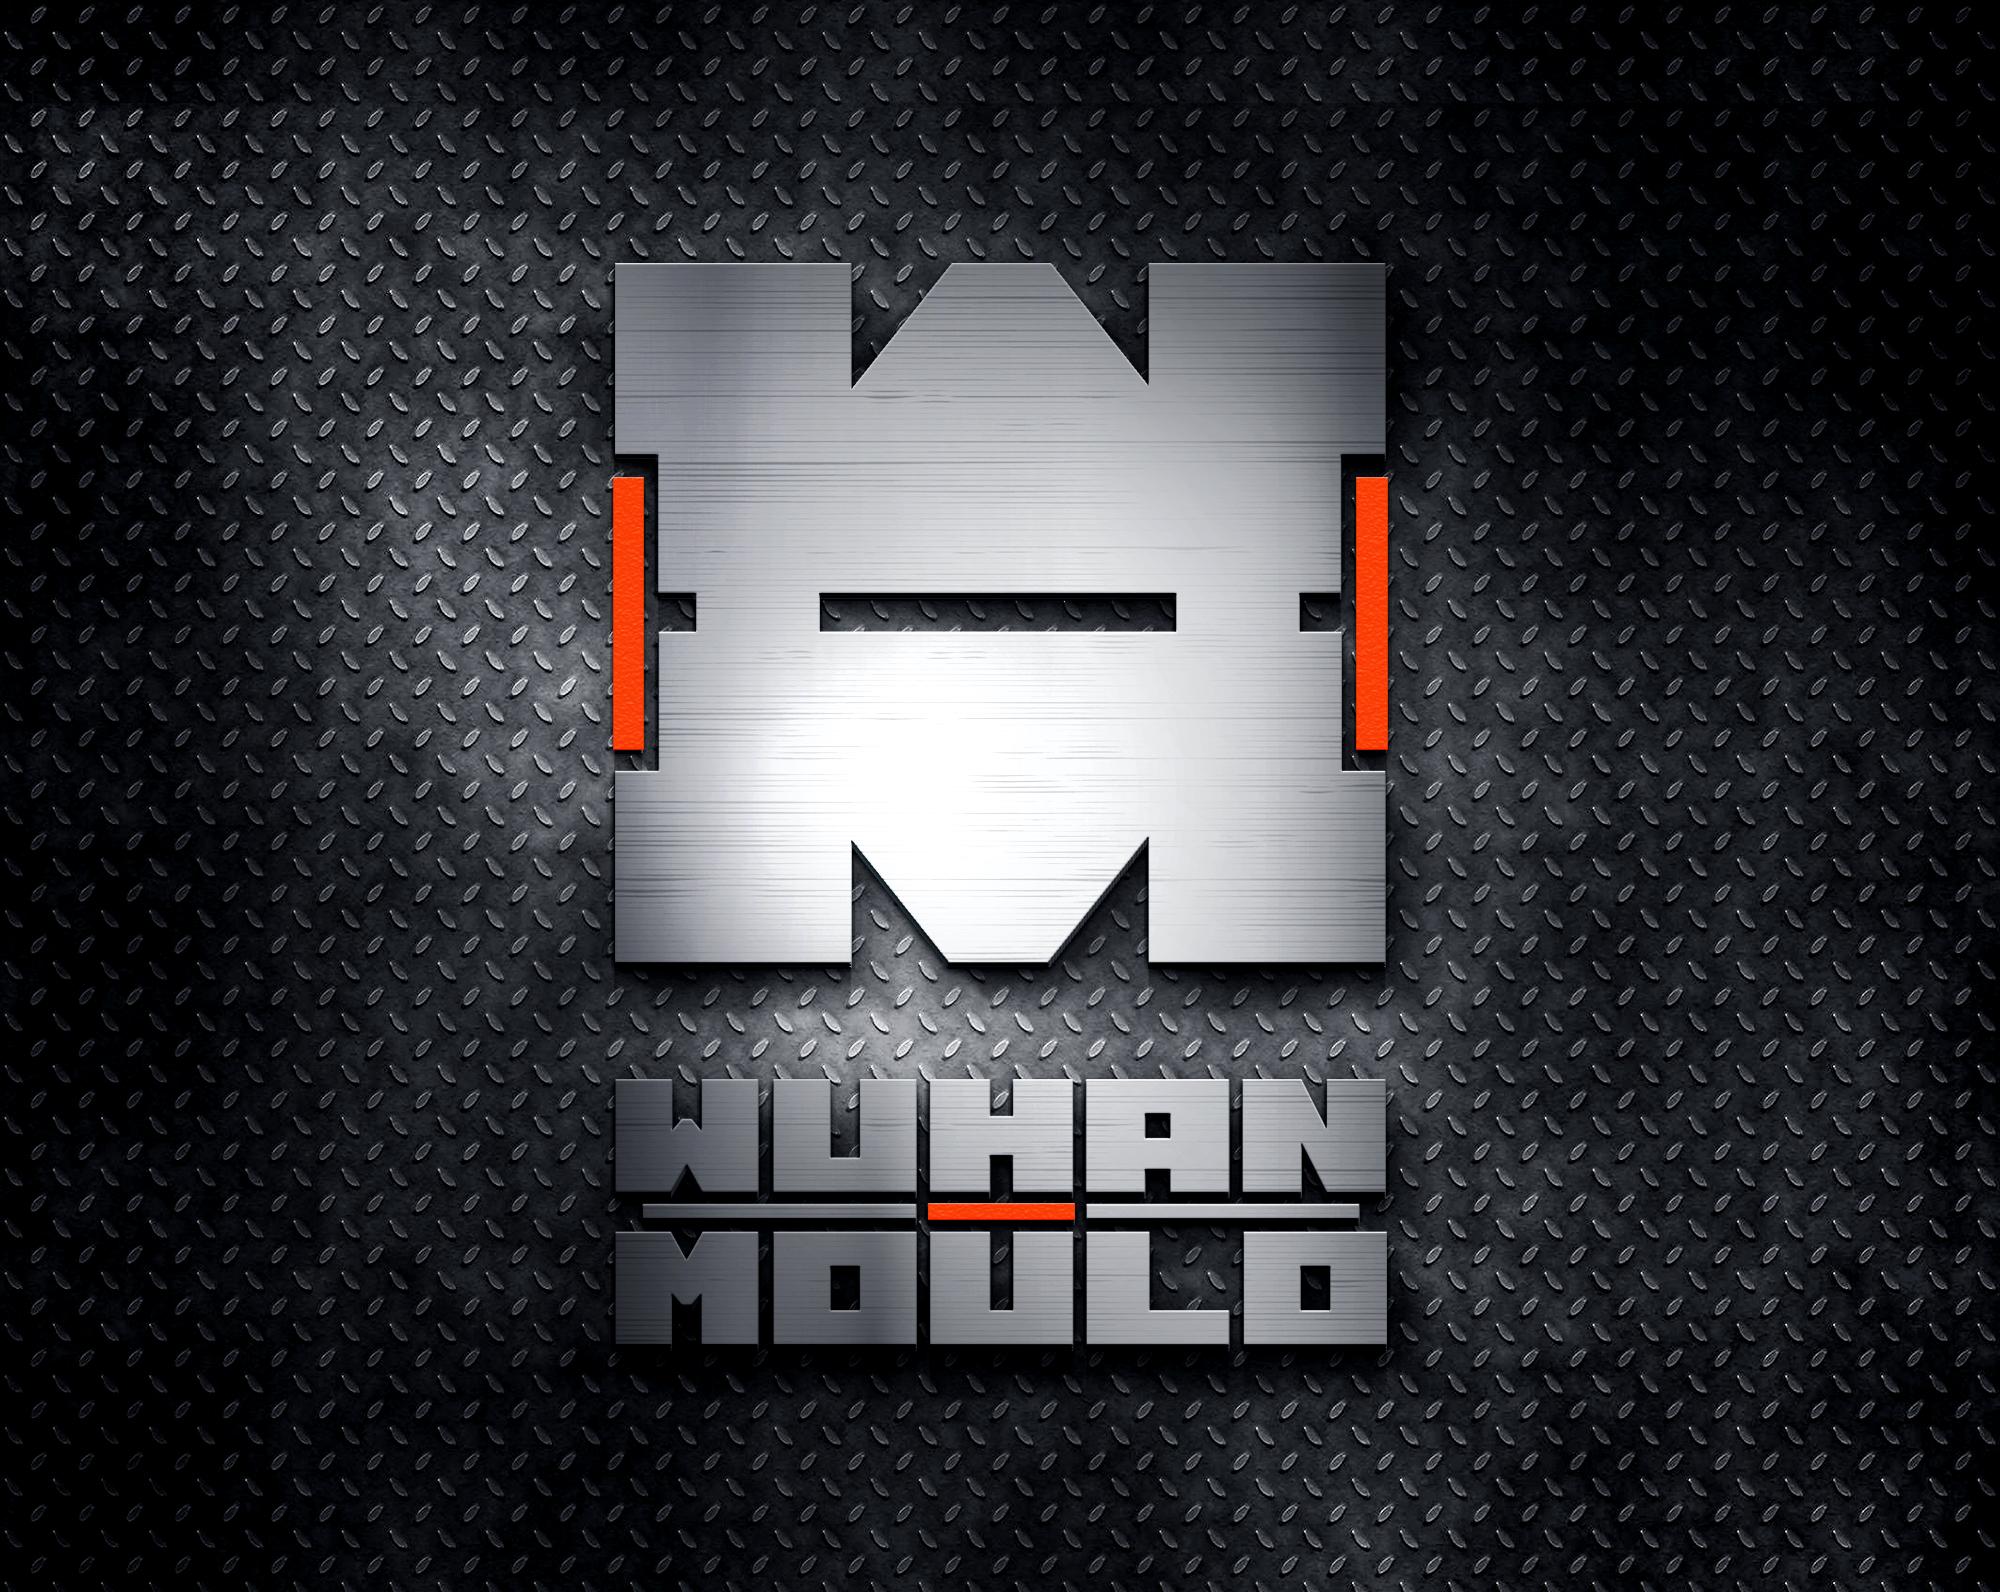 Создать логотип для фабрики пресс-форм фото f_581599aca056e6f7.jpg